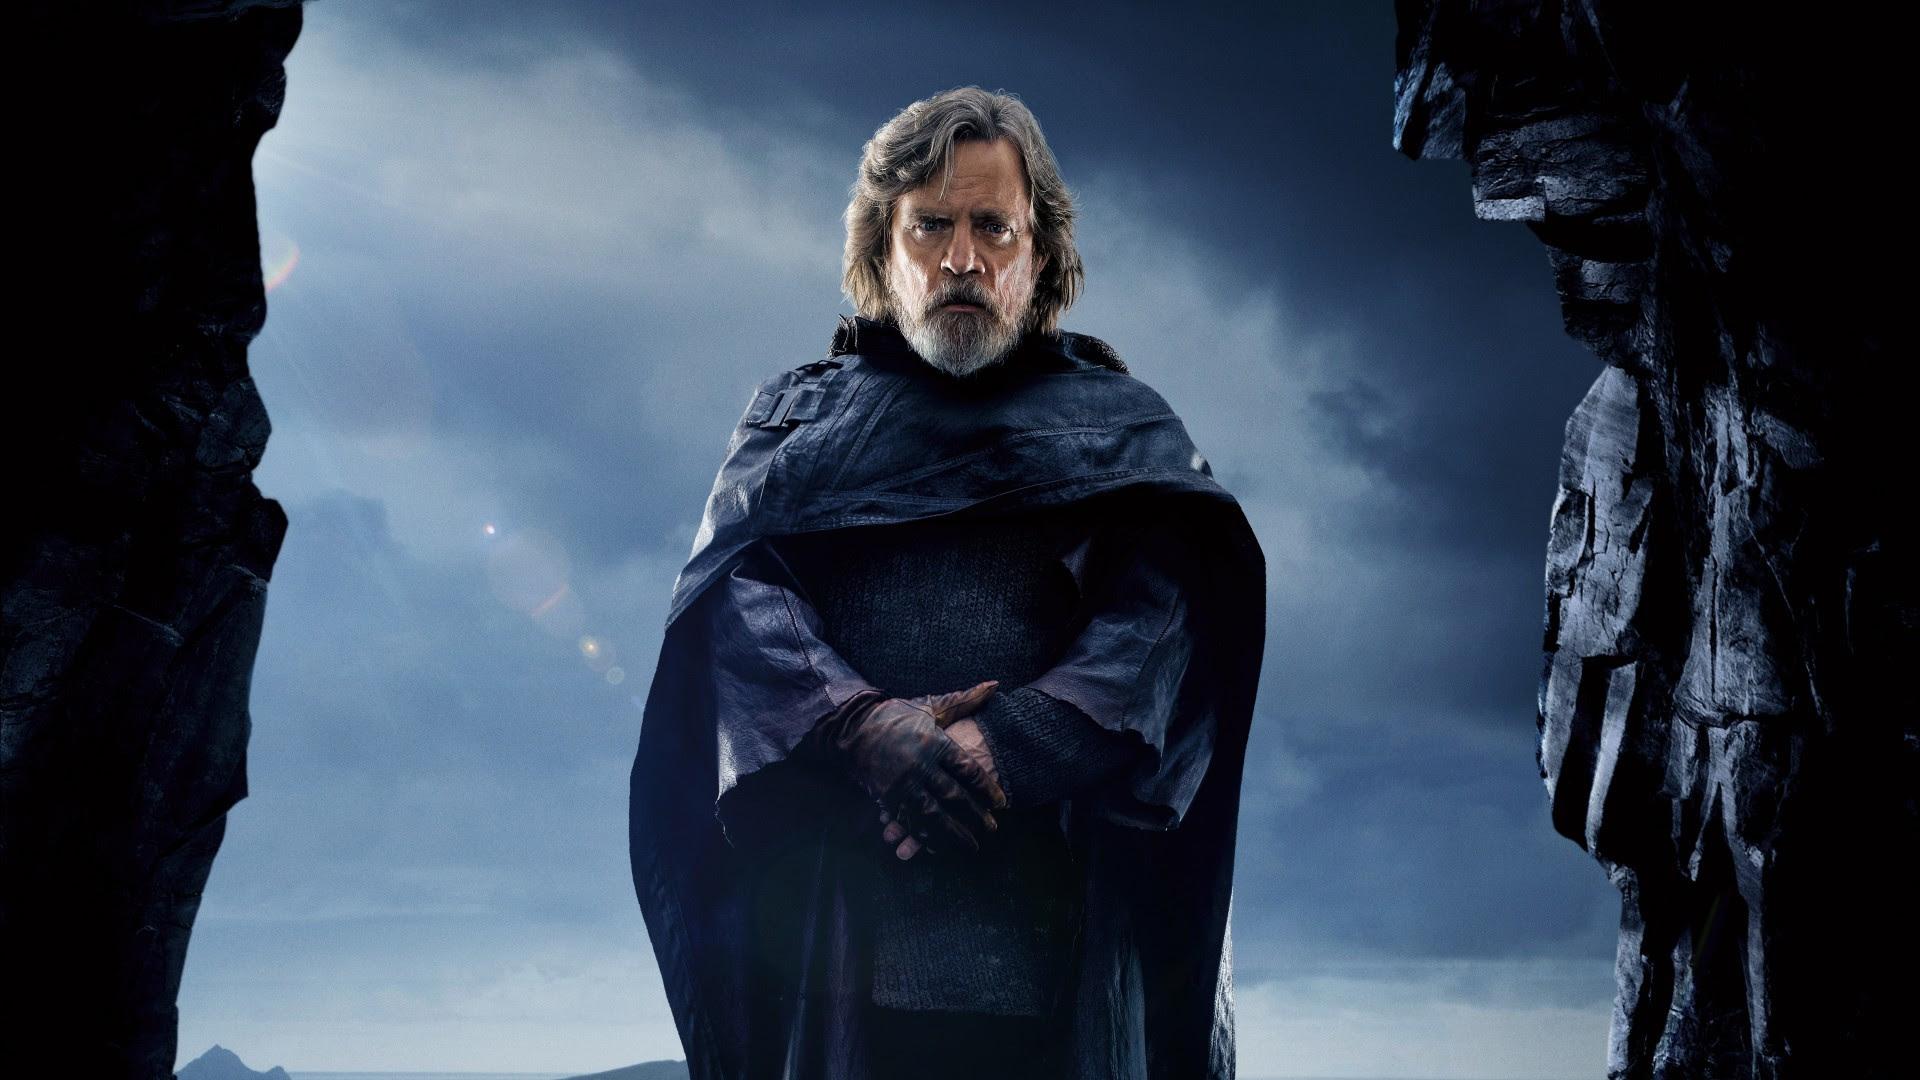 Luke Skywalker Wallpaper 77 Images